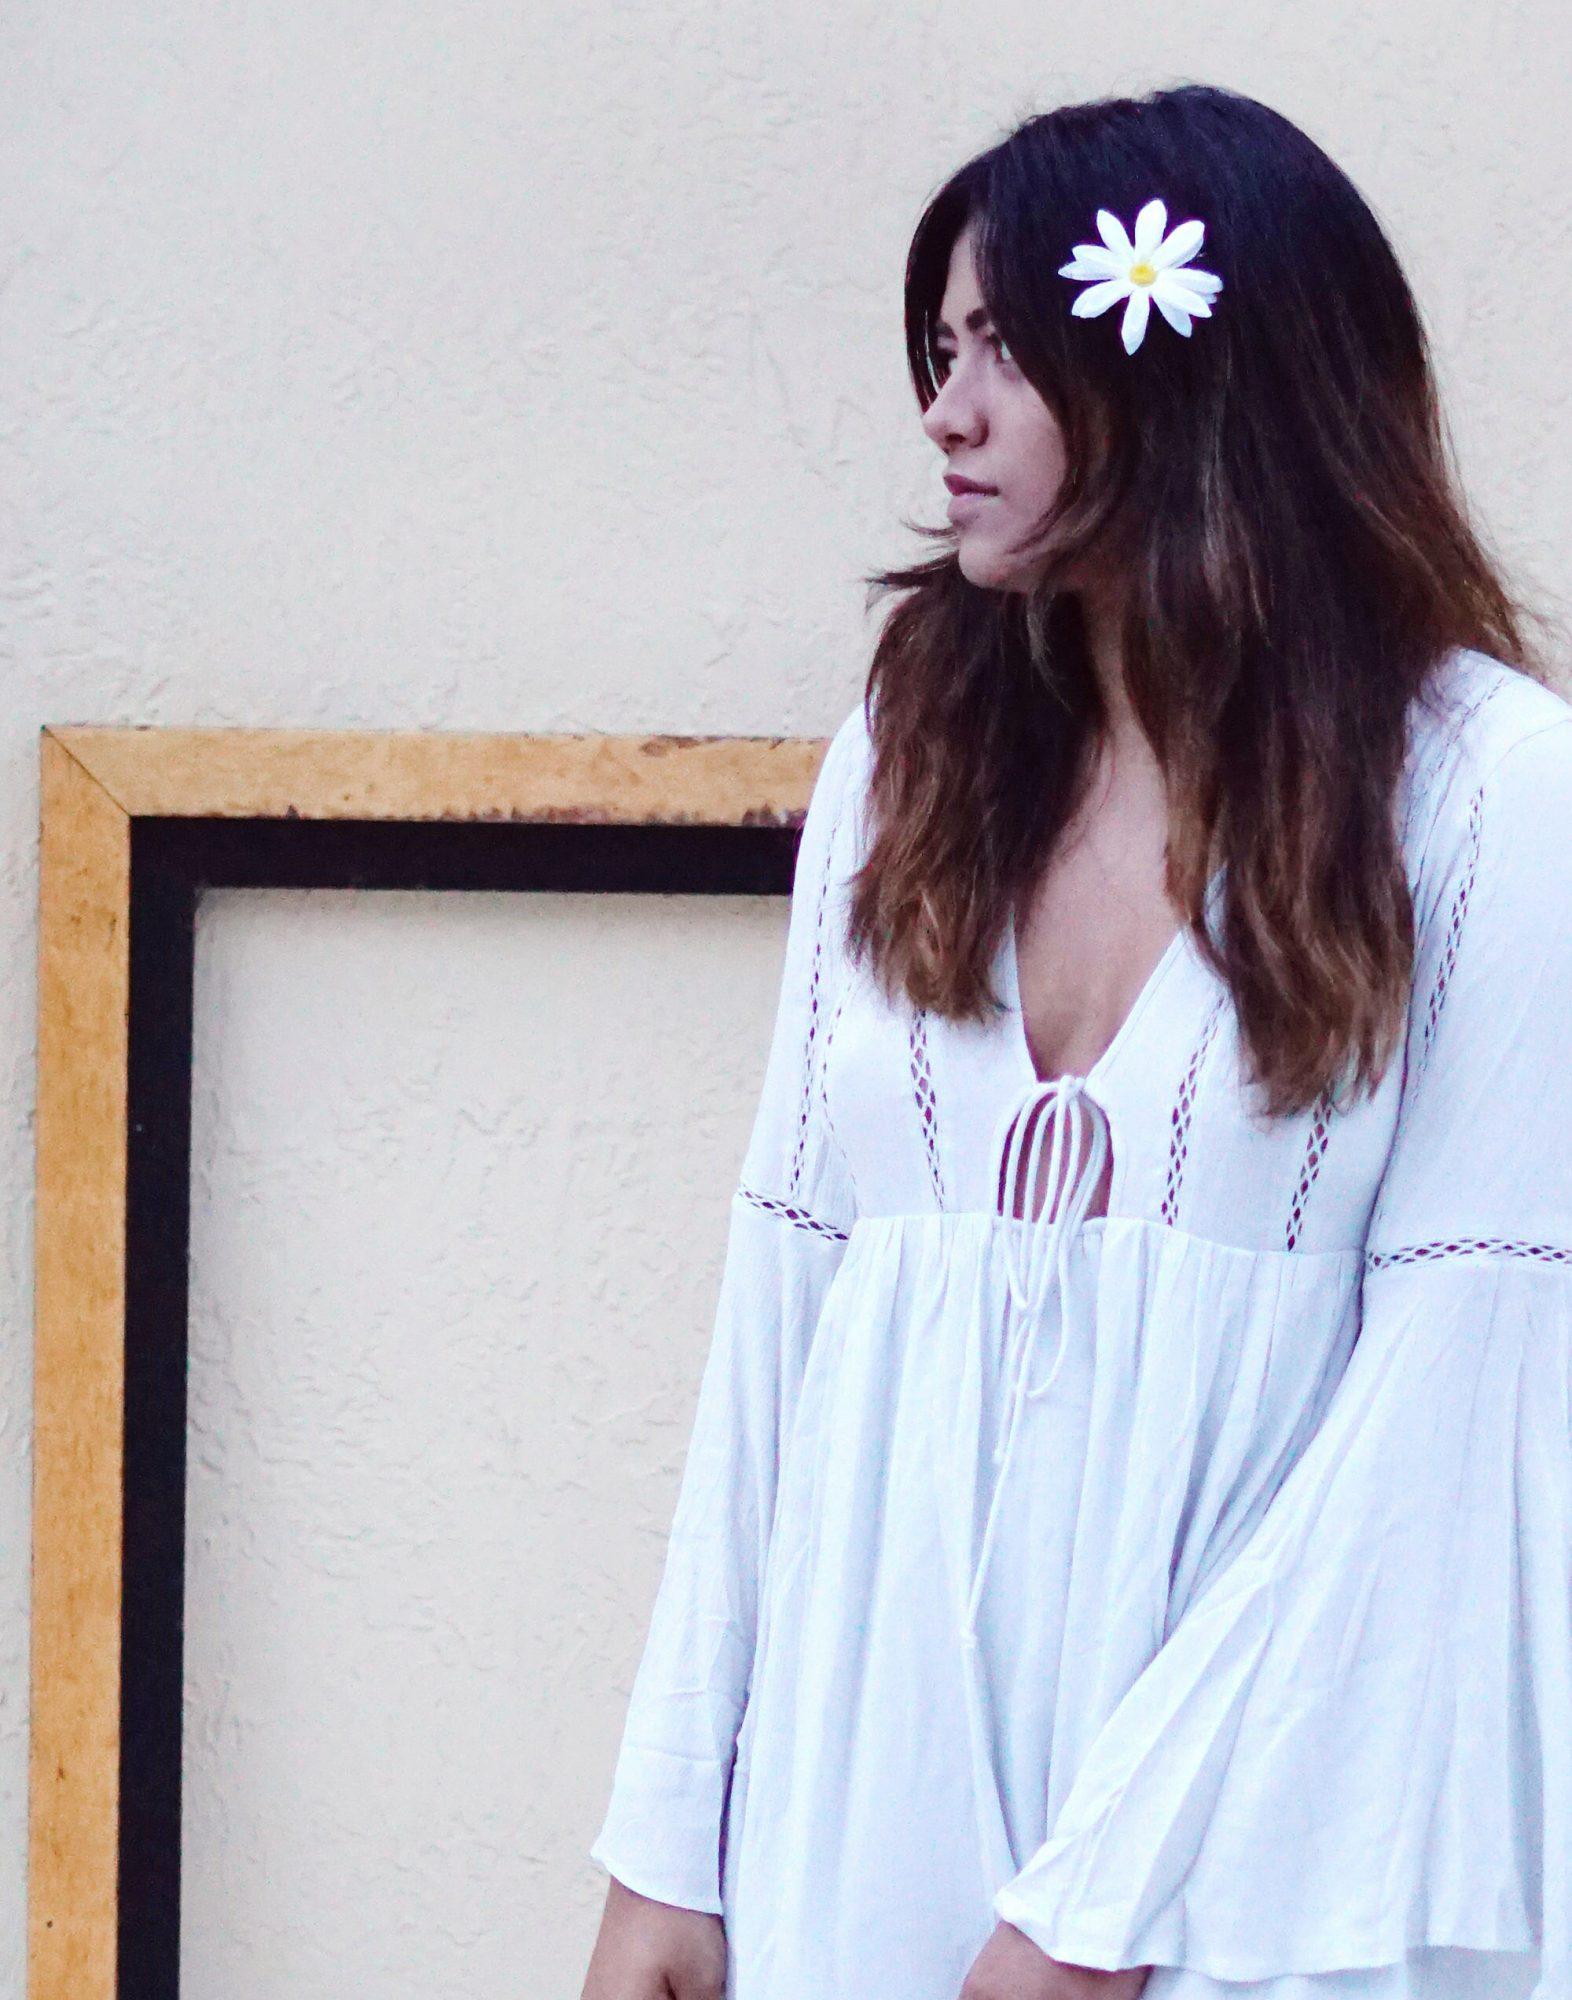 Lana Del Rey Love Inspired Boho Festival Look